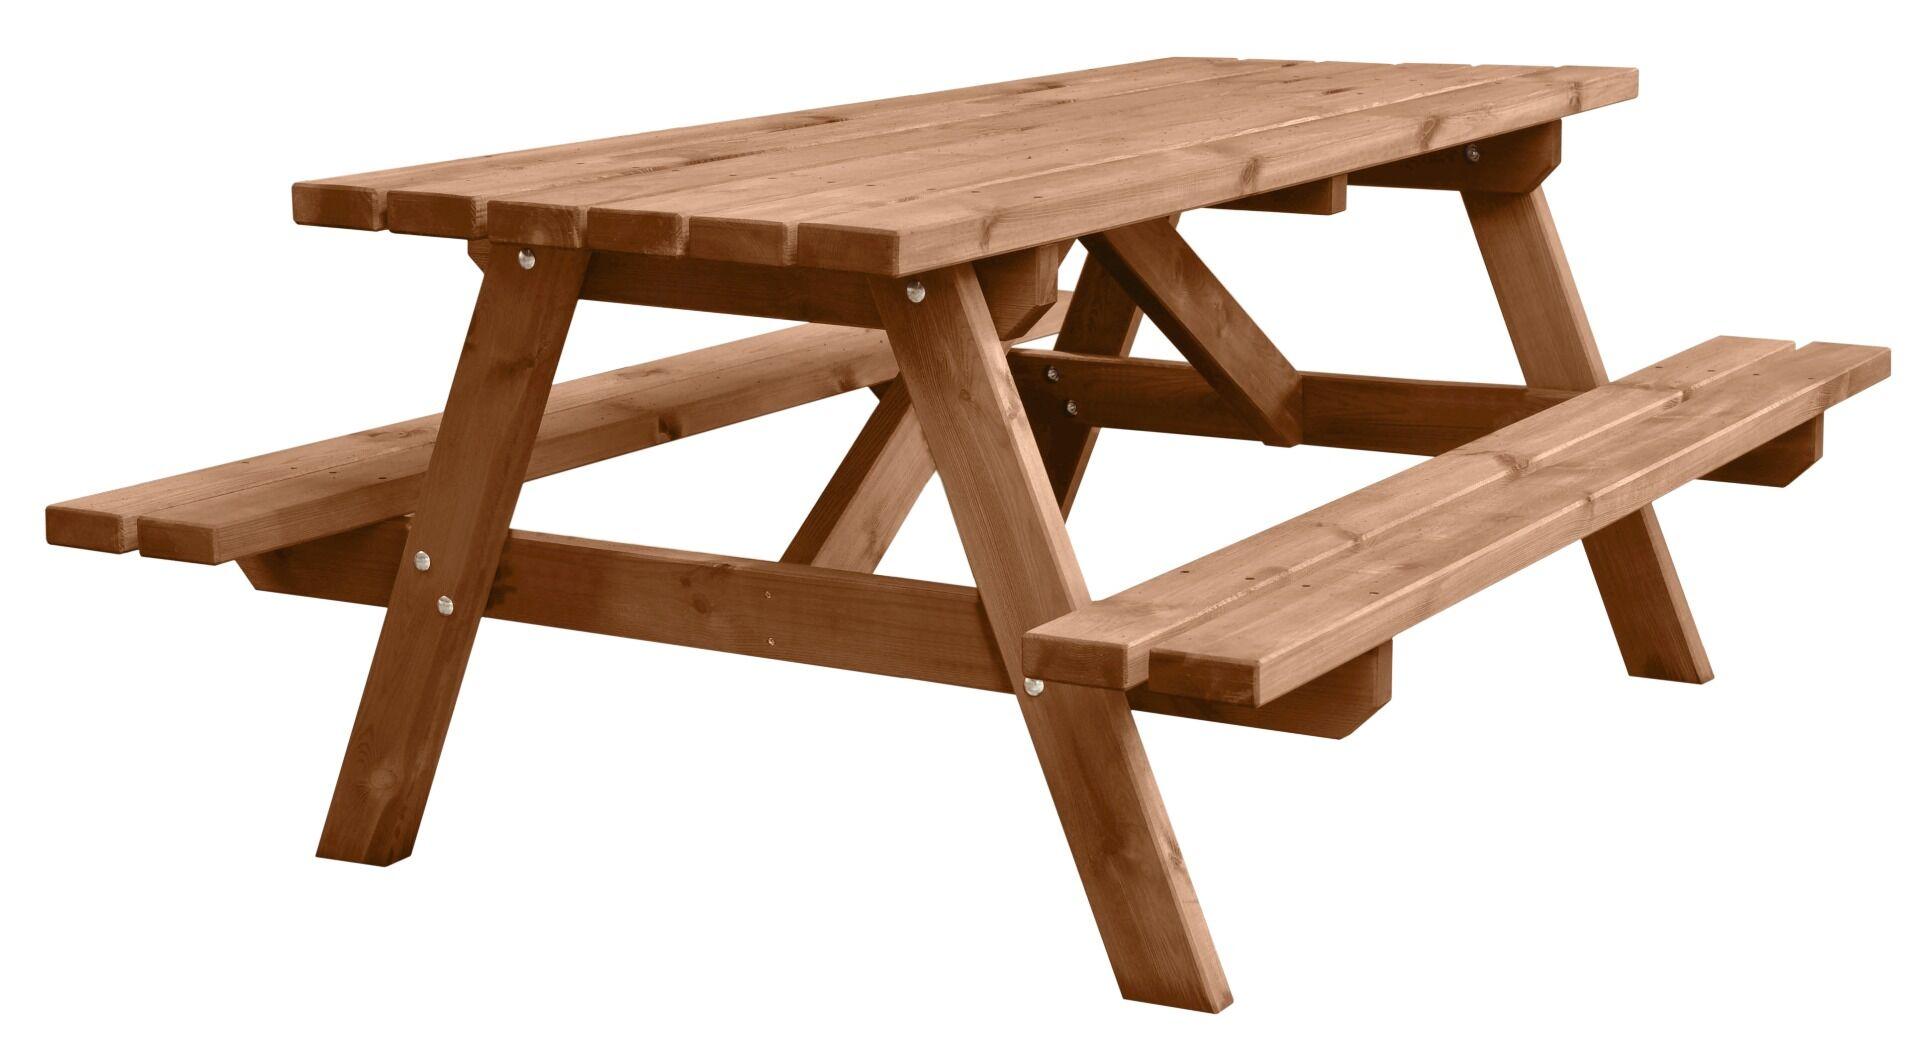 Intergard Pique-nique table Luxe 180cm